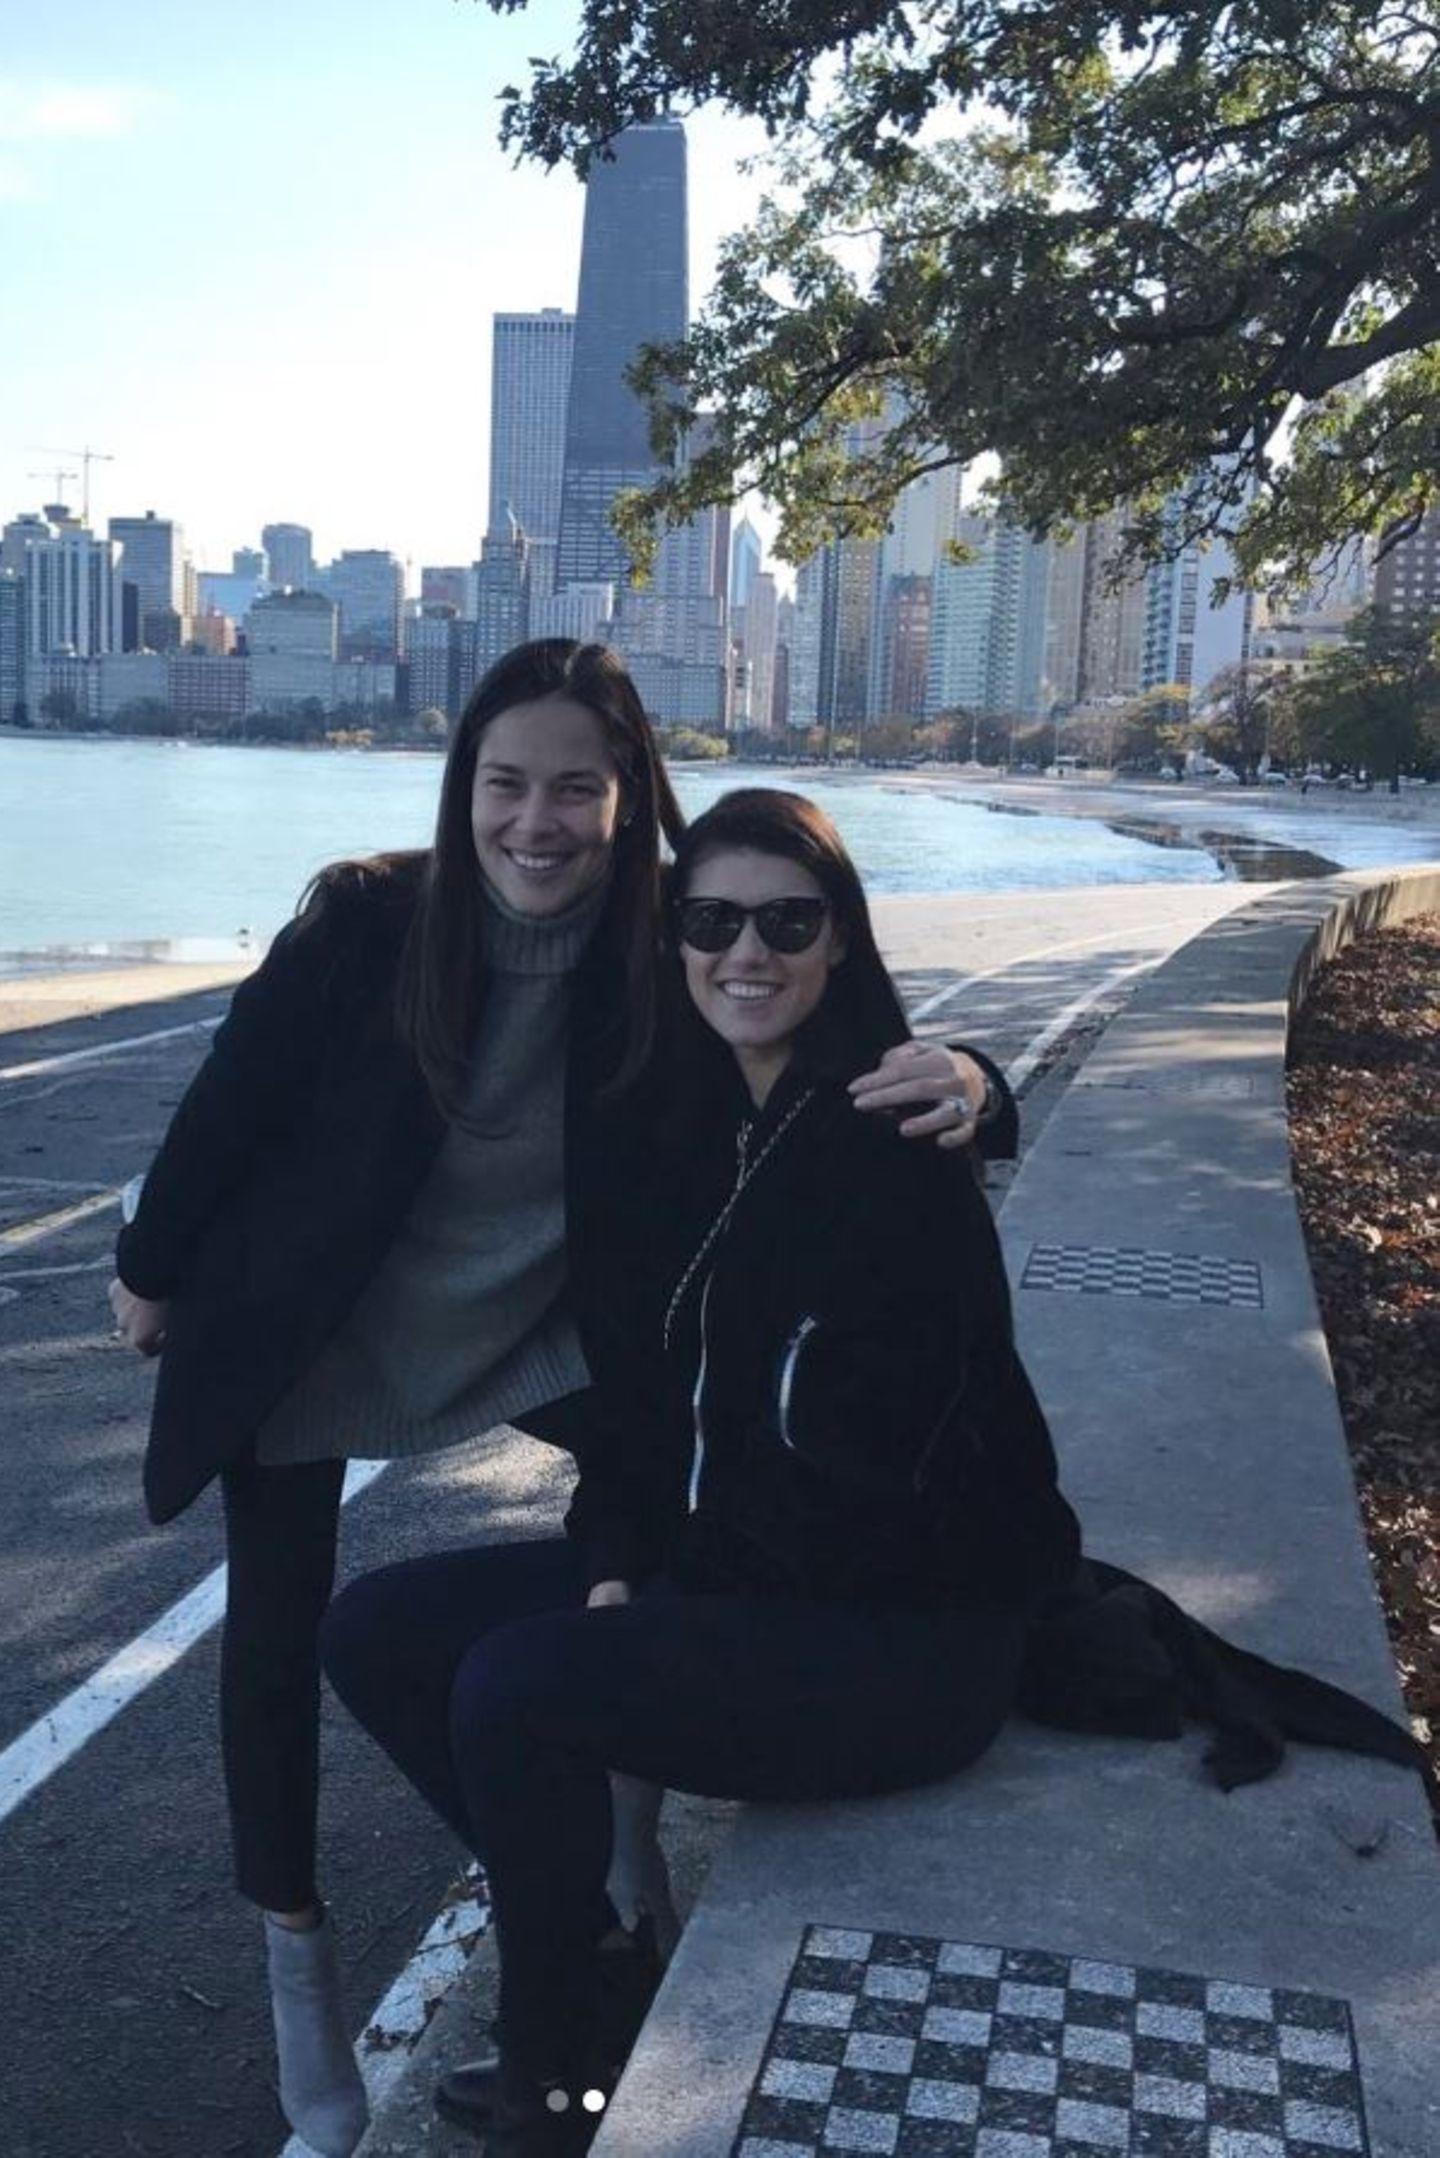 Für einen Ausflug mit einer Freundin entscheidet sich Ana für ein ganz klassisches Outfit: Ein XXL-Strickpullover, eine enge Hose und passende Ankle-Boots. Wie so oft trägt sie kein Make-up und strahlt ungeschminkt in die Kamera.